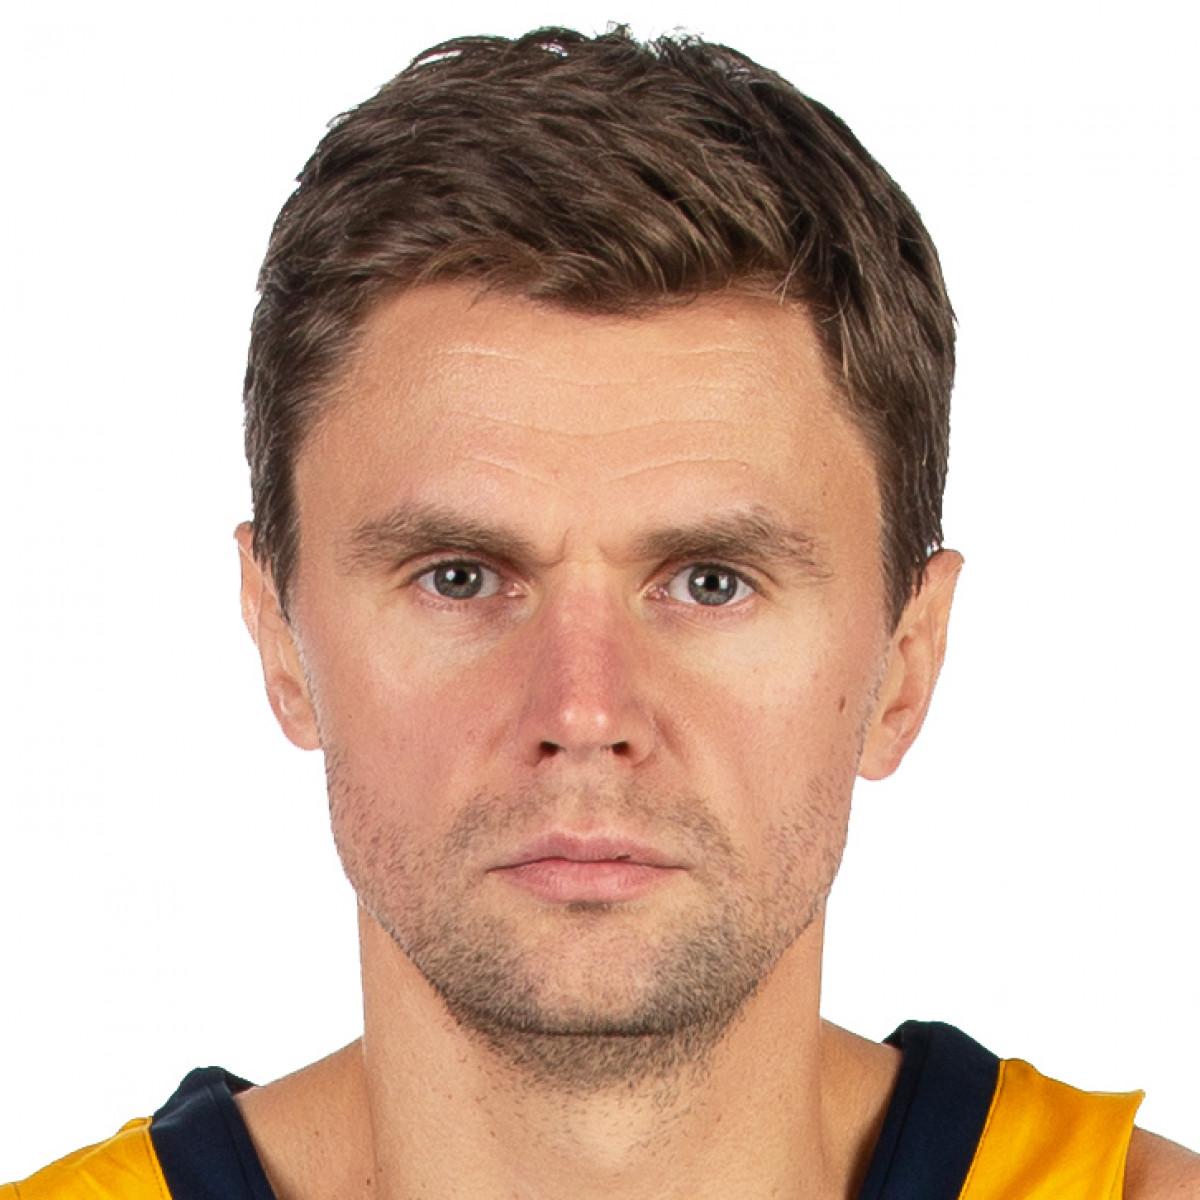 Egor Vialtsev